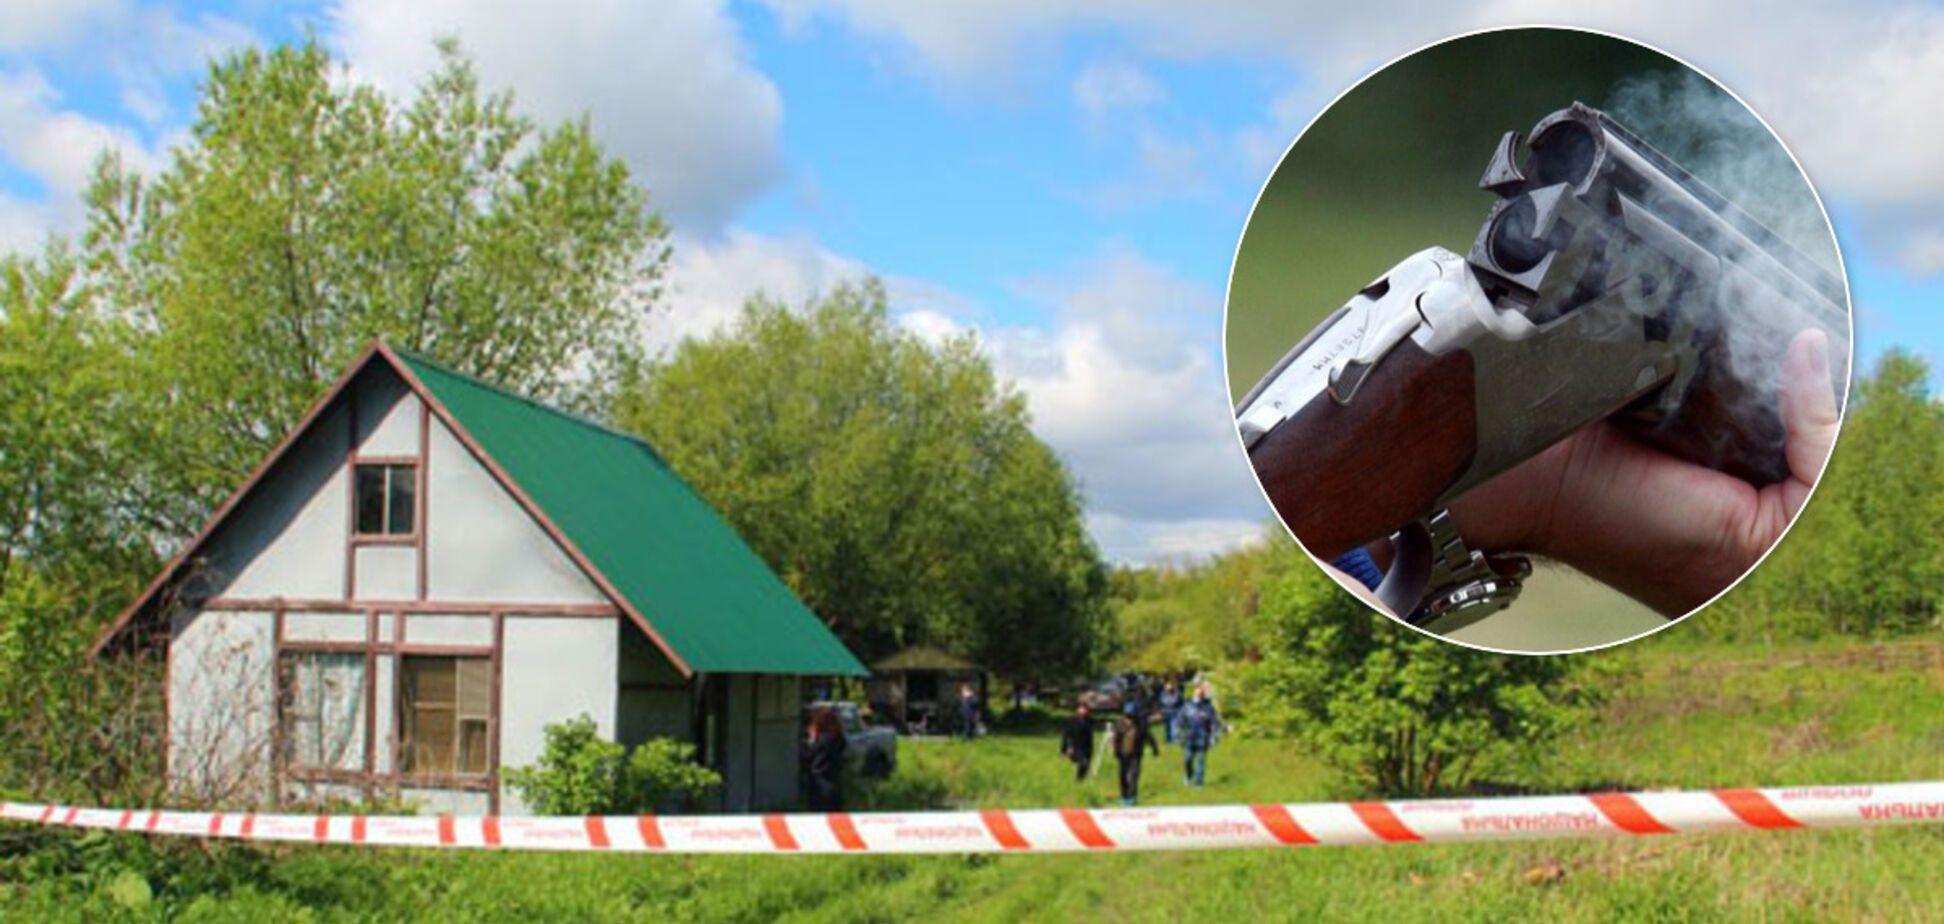 Не все были пьяные: сын застреленного на Житомирщине воина рассказал новые детали трагедии